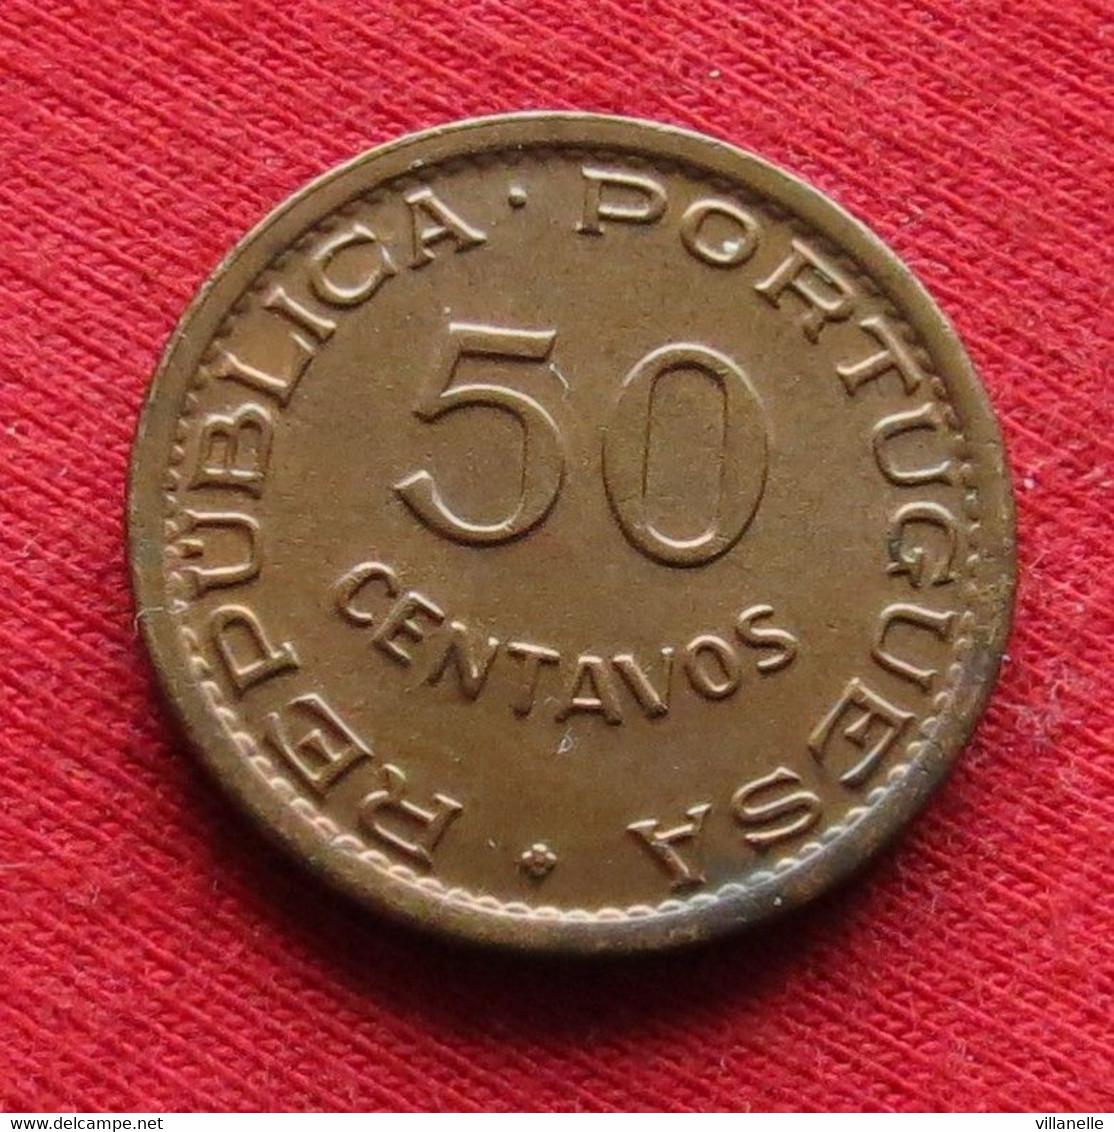 Mozambique 50 Centavos 1957 Mozambico Moçambique Wº - Mozambique